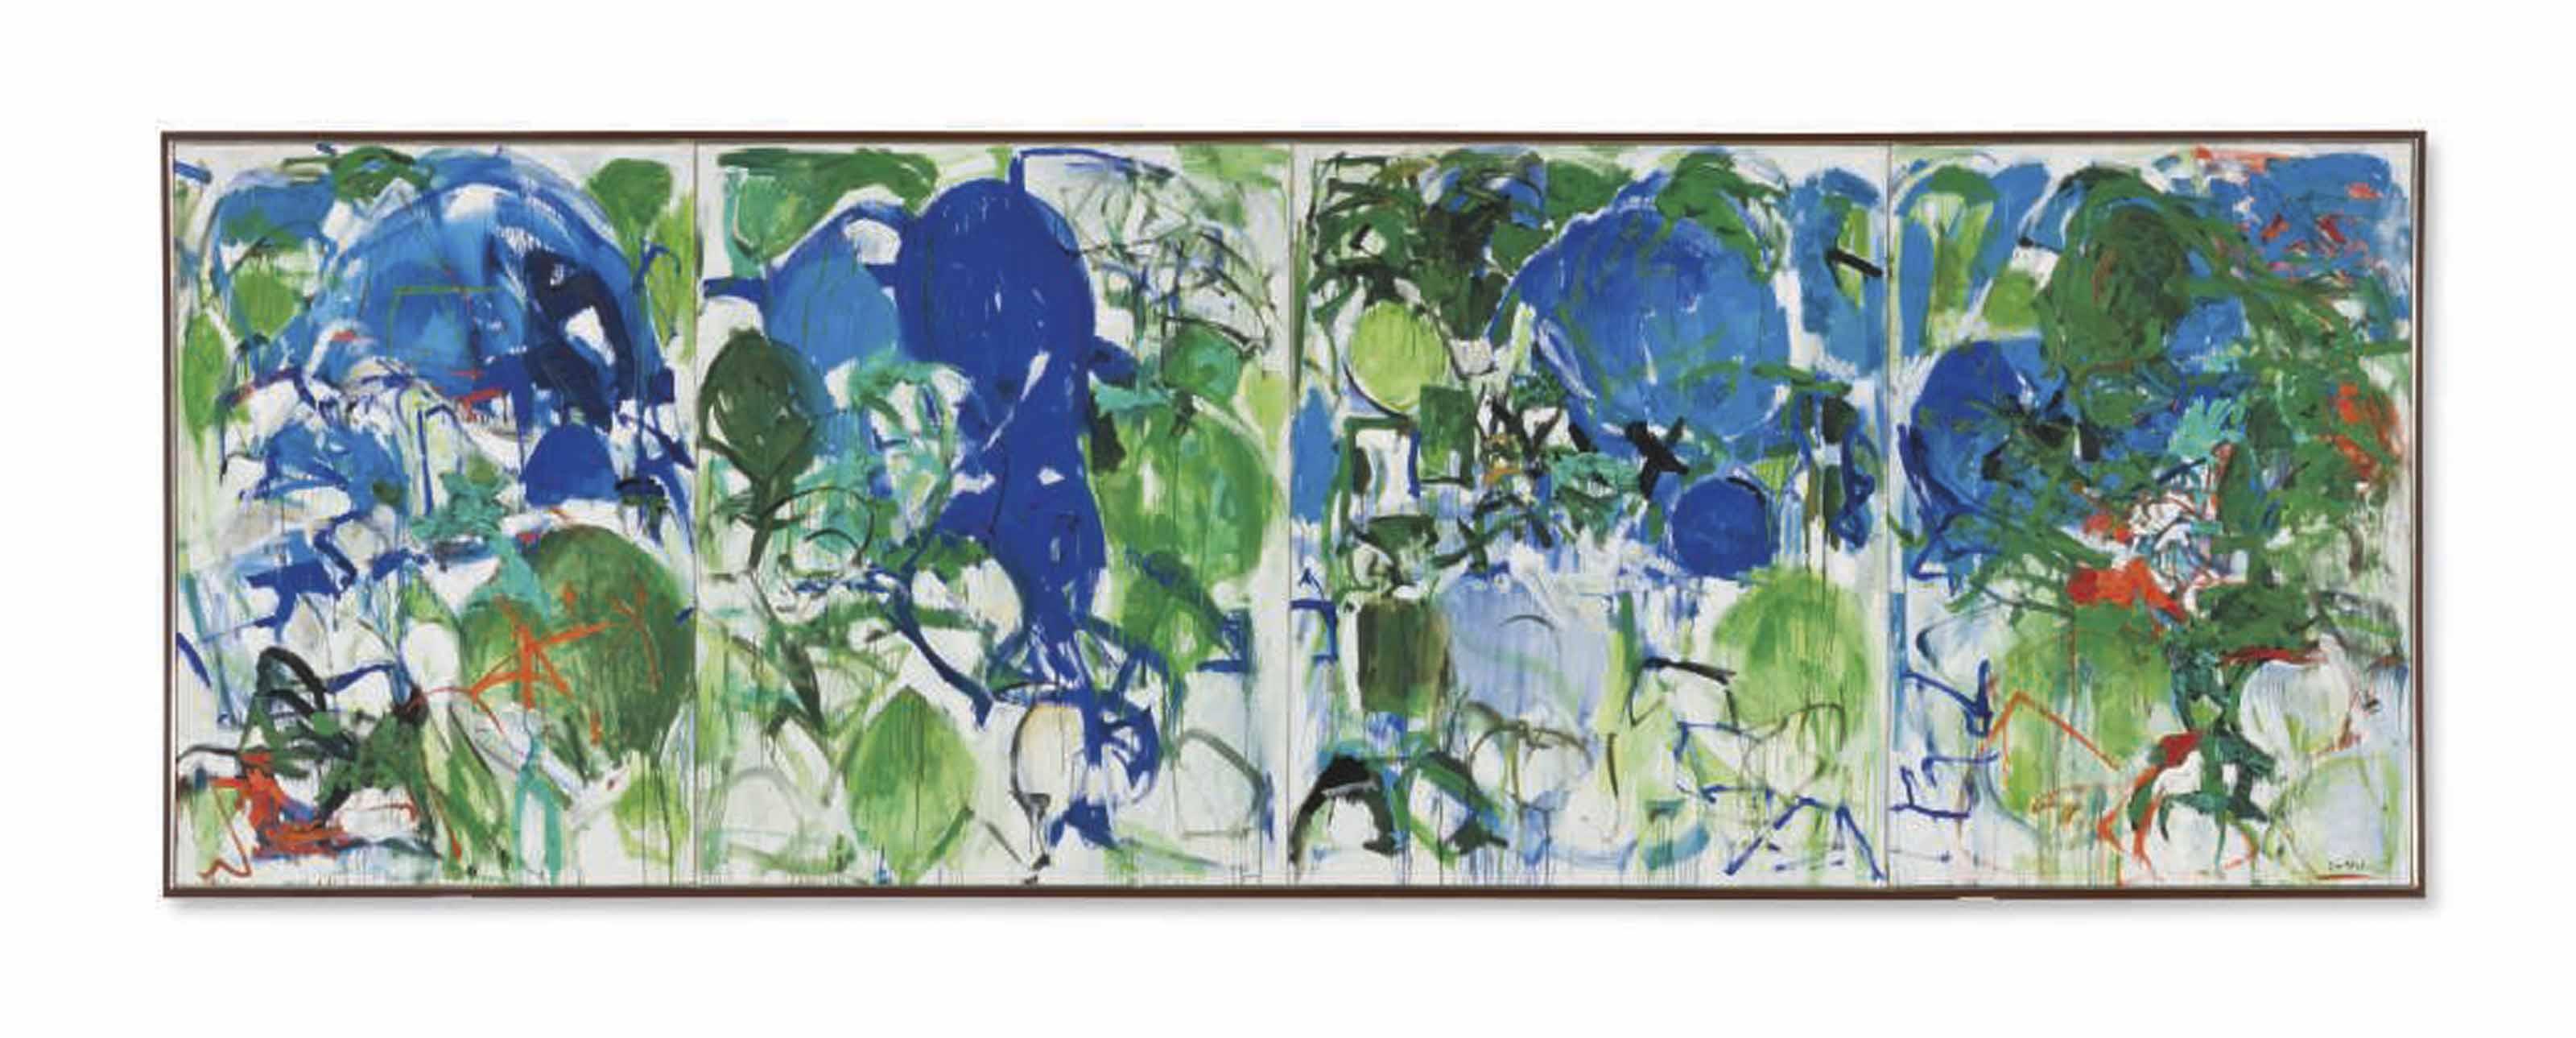 Joan Mitchell, Aquarium, 1967.jpg